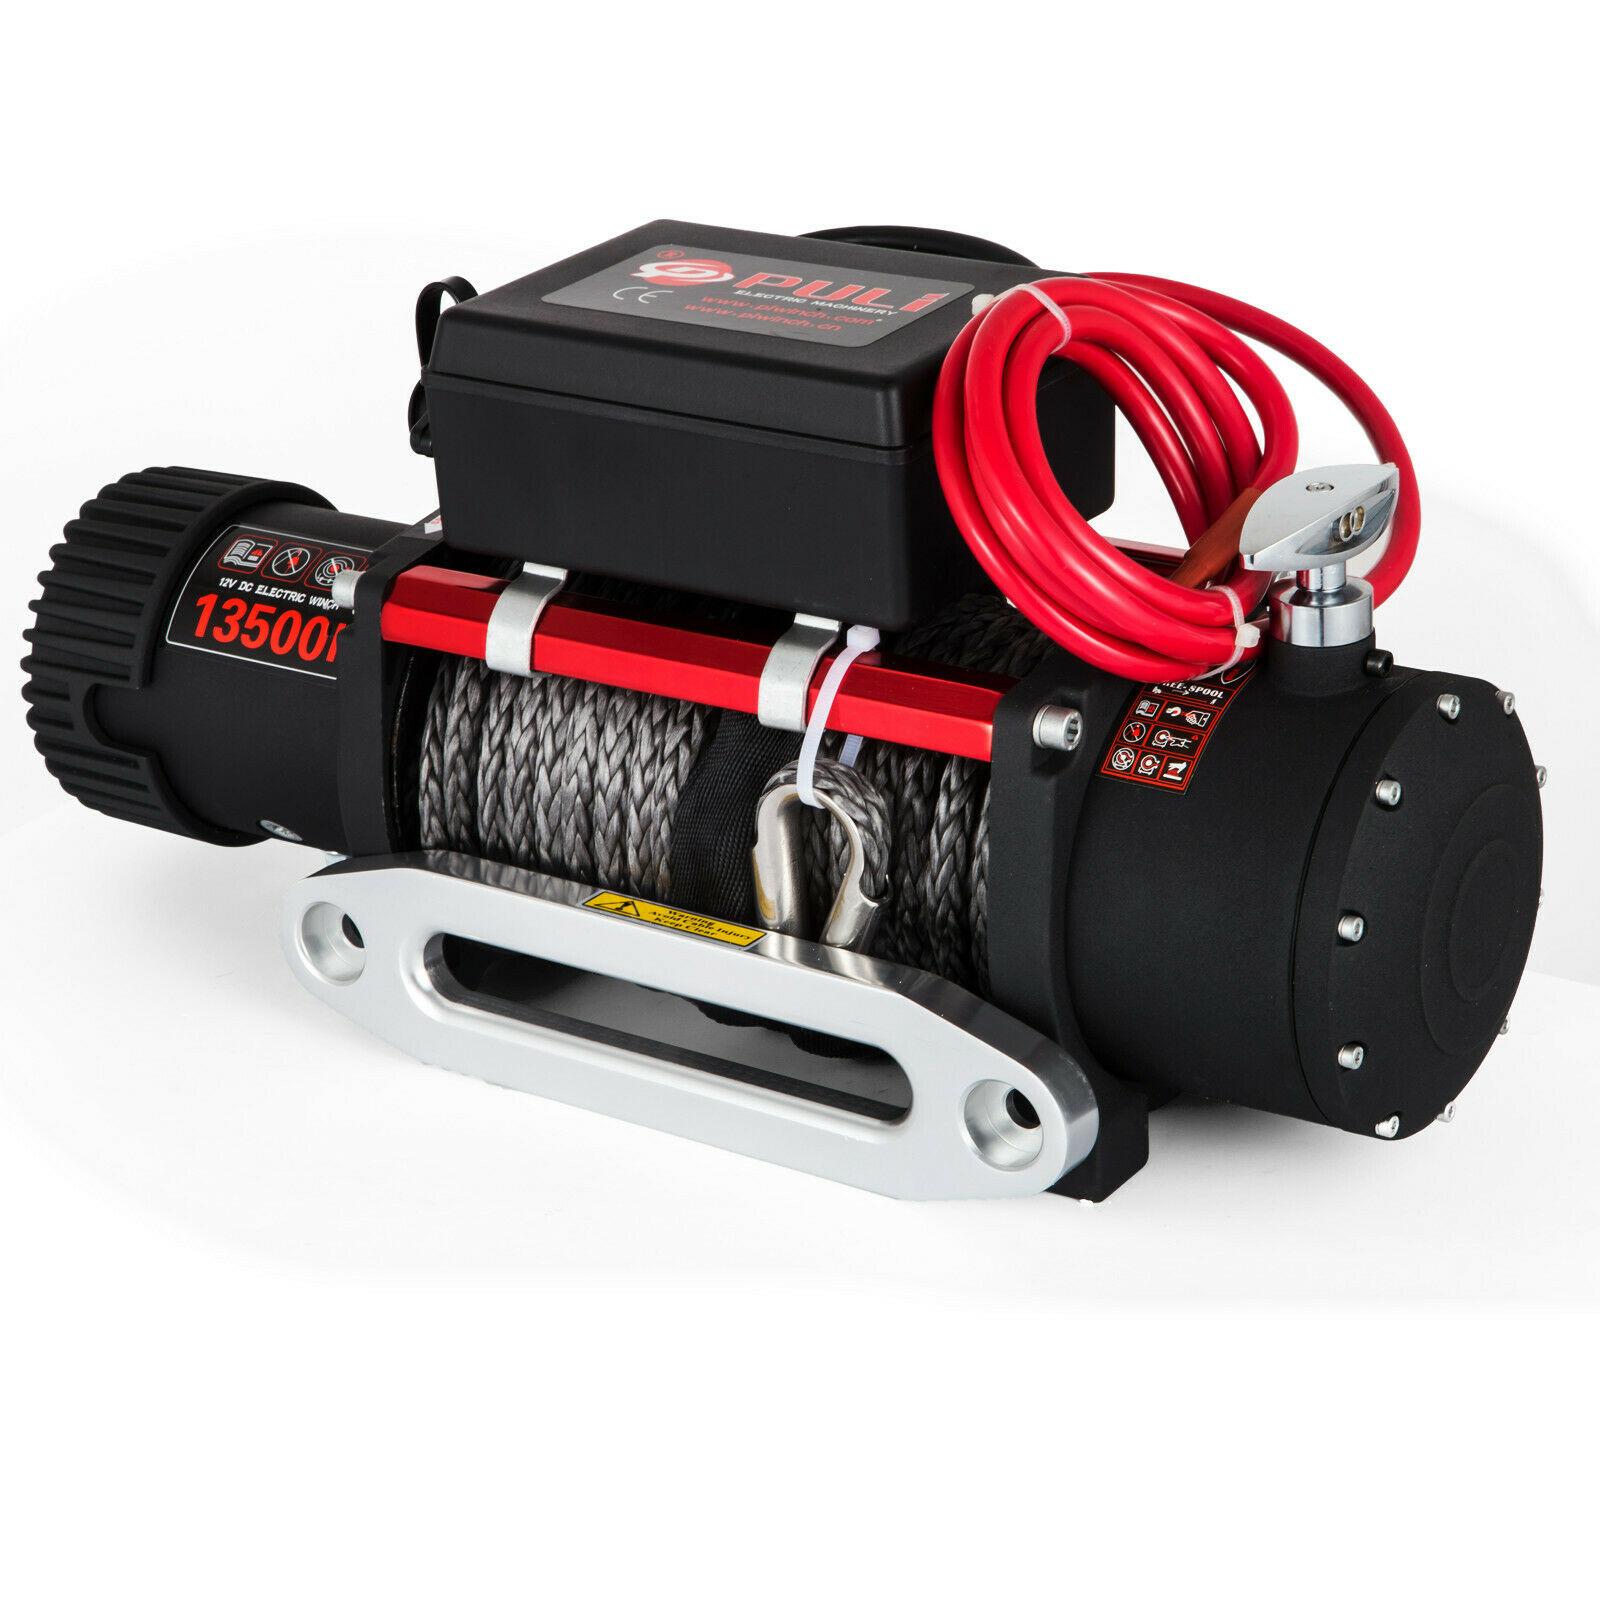 12v Elektrische Winde ATV Recovery Winch 6120 KG 13500LBS Synthetische Seil mit Fernbedienung für ATV UTV